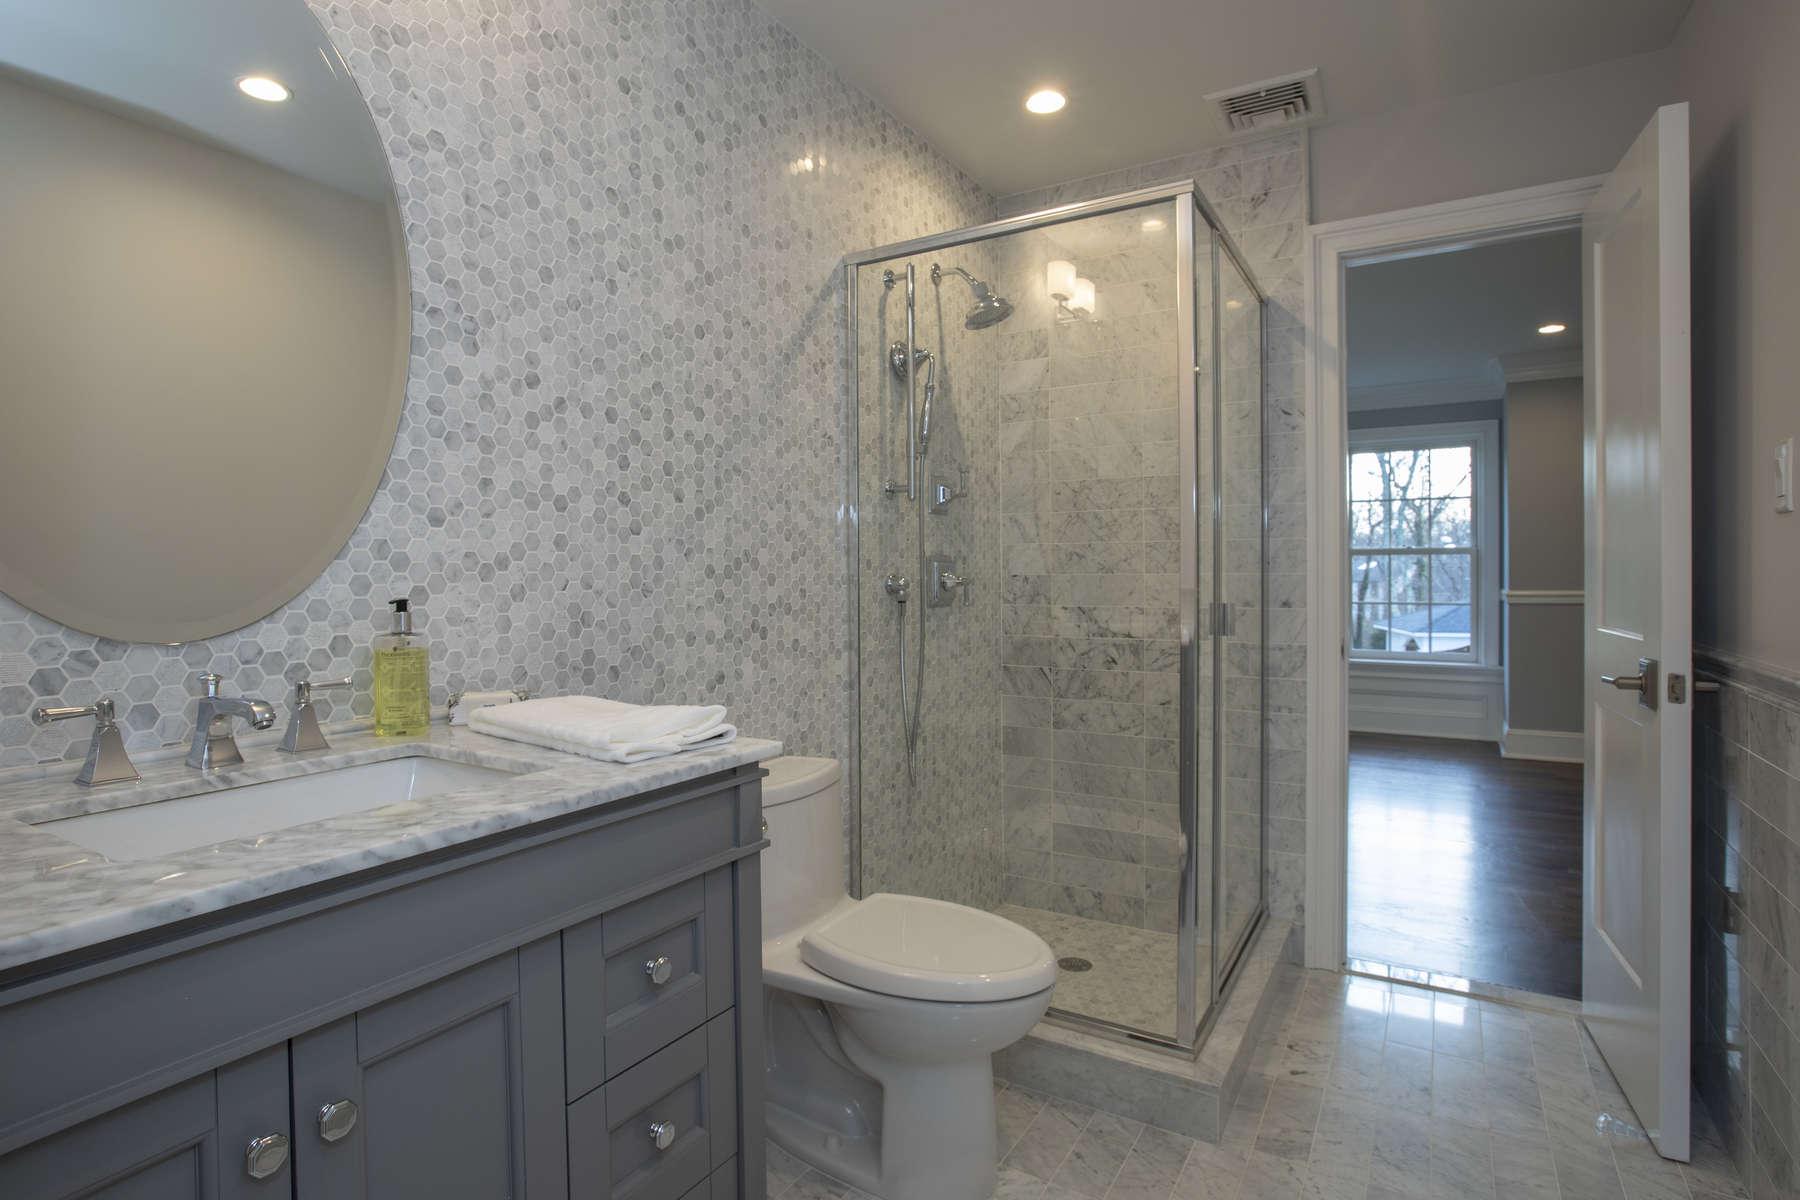 041_Bathroom-